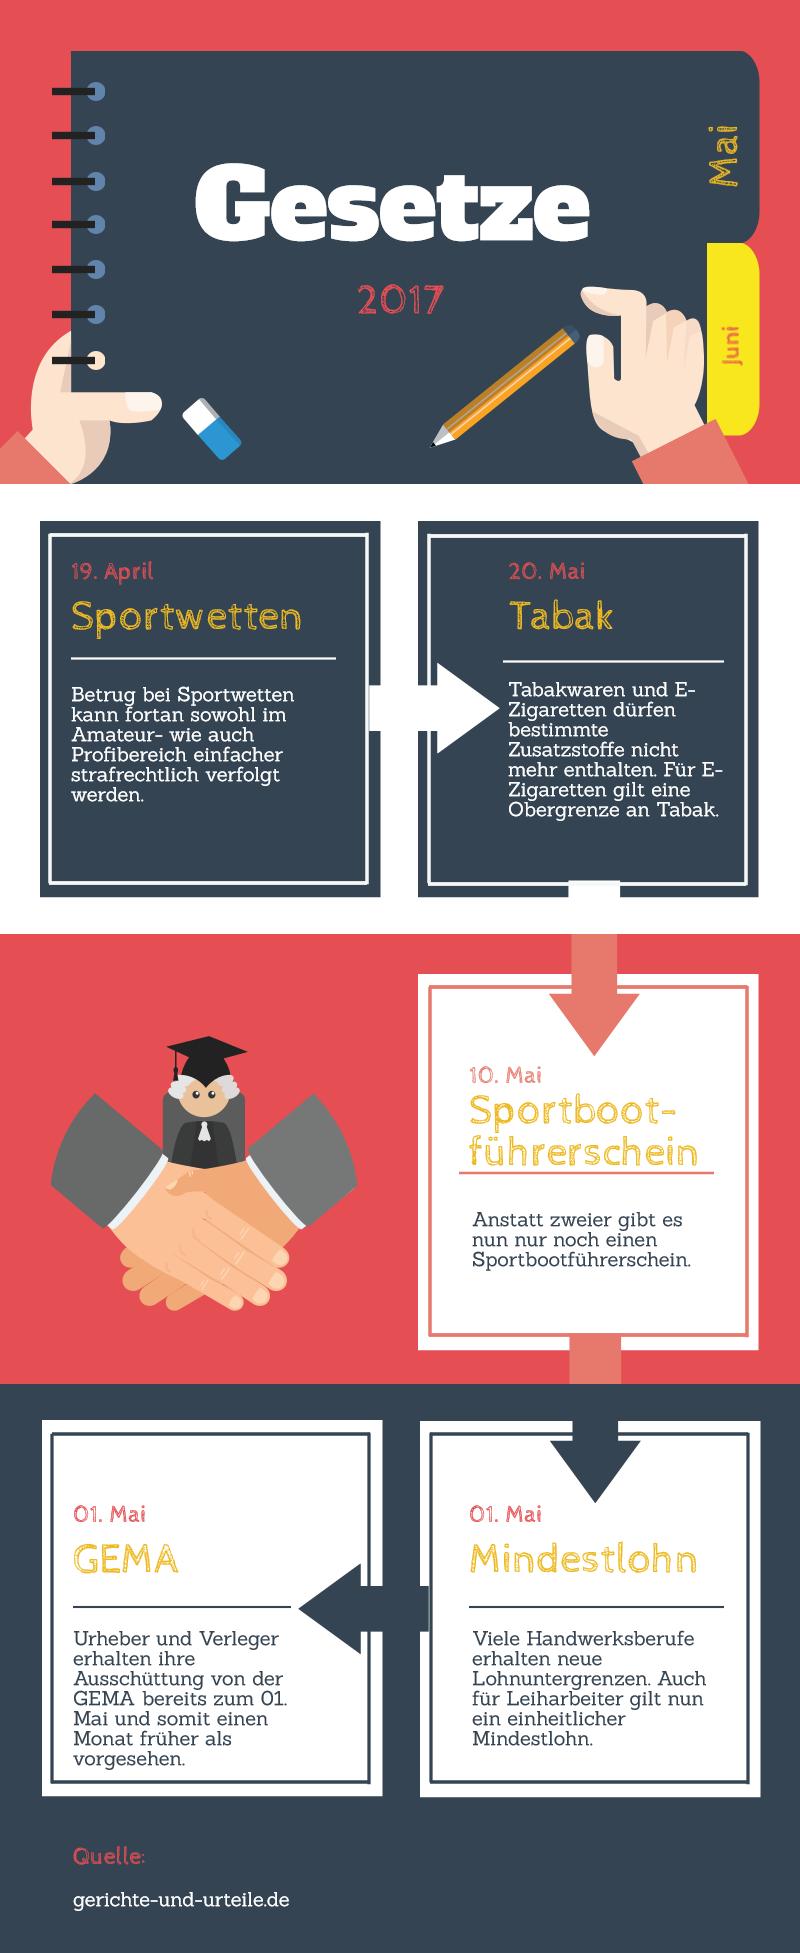 Infografik: Die neuen Gesetze im Mai in der Übersicht. Bildquelle: gerichte-und-urteile.de